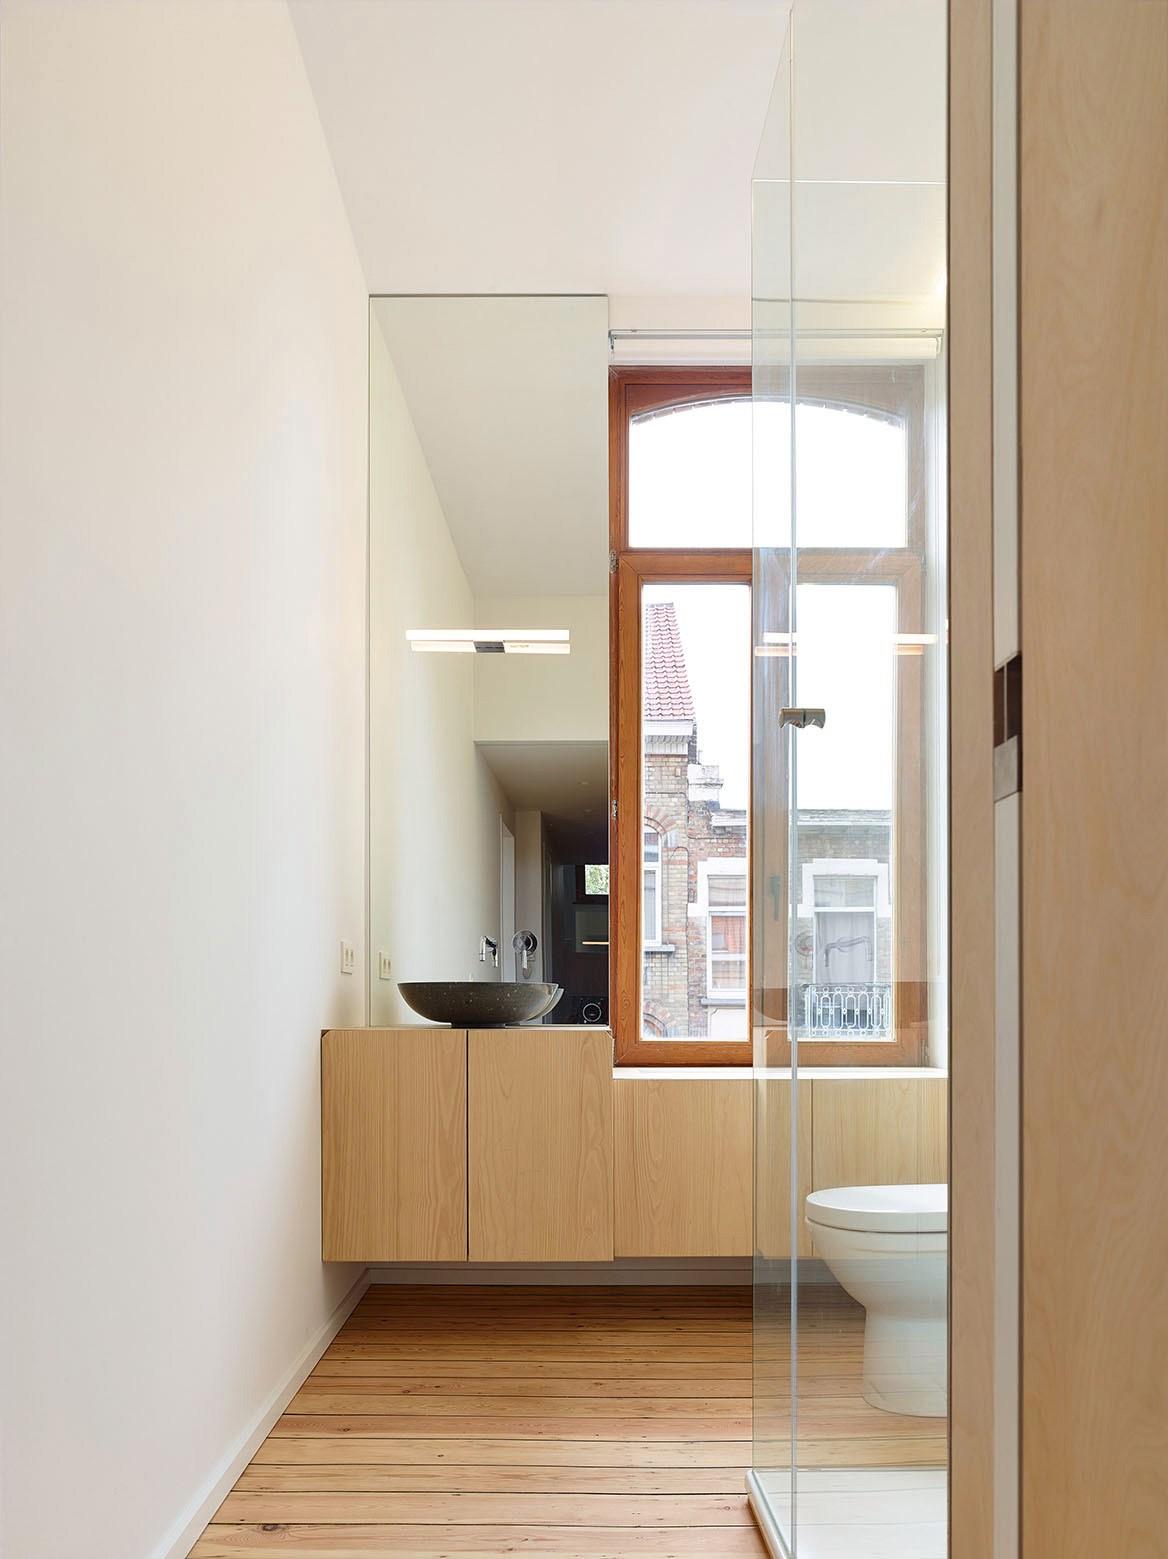 Ванная комната в современном стиле скандинавском